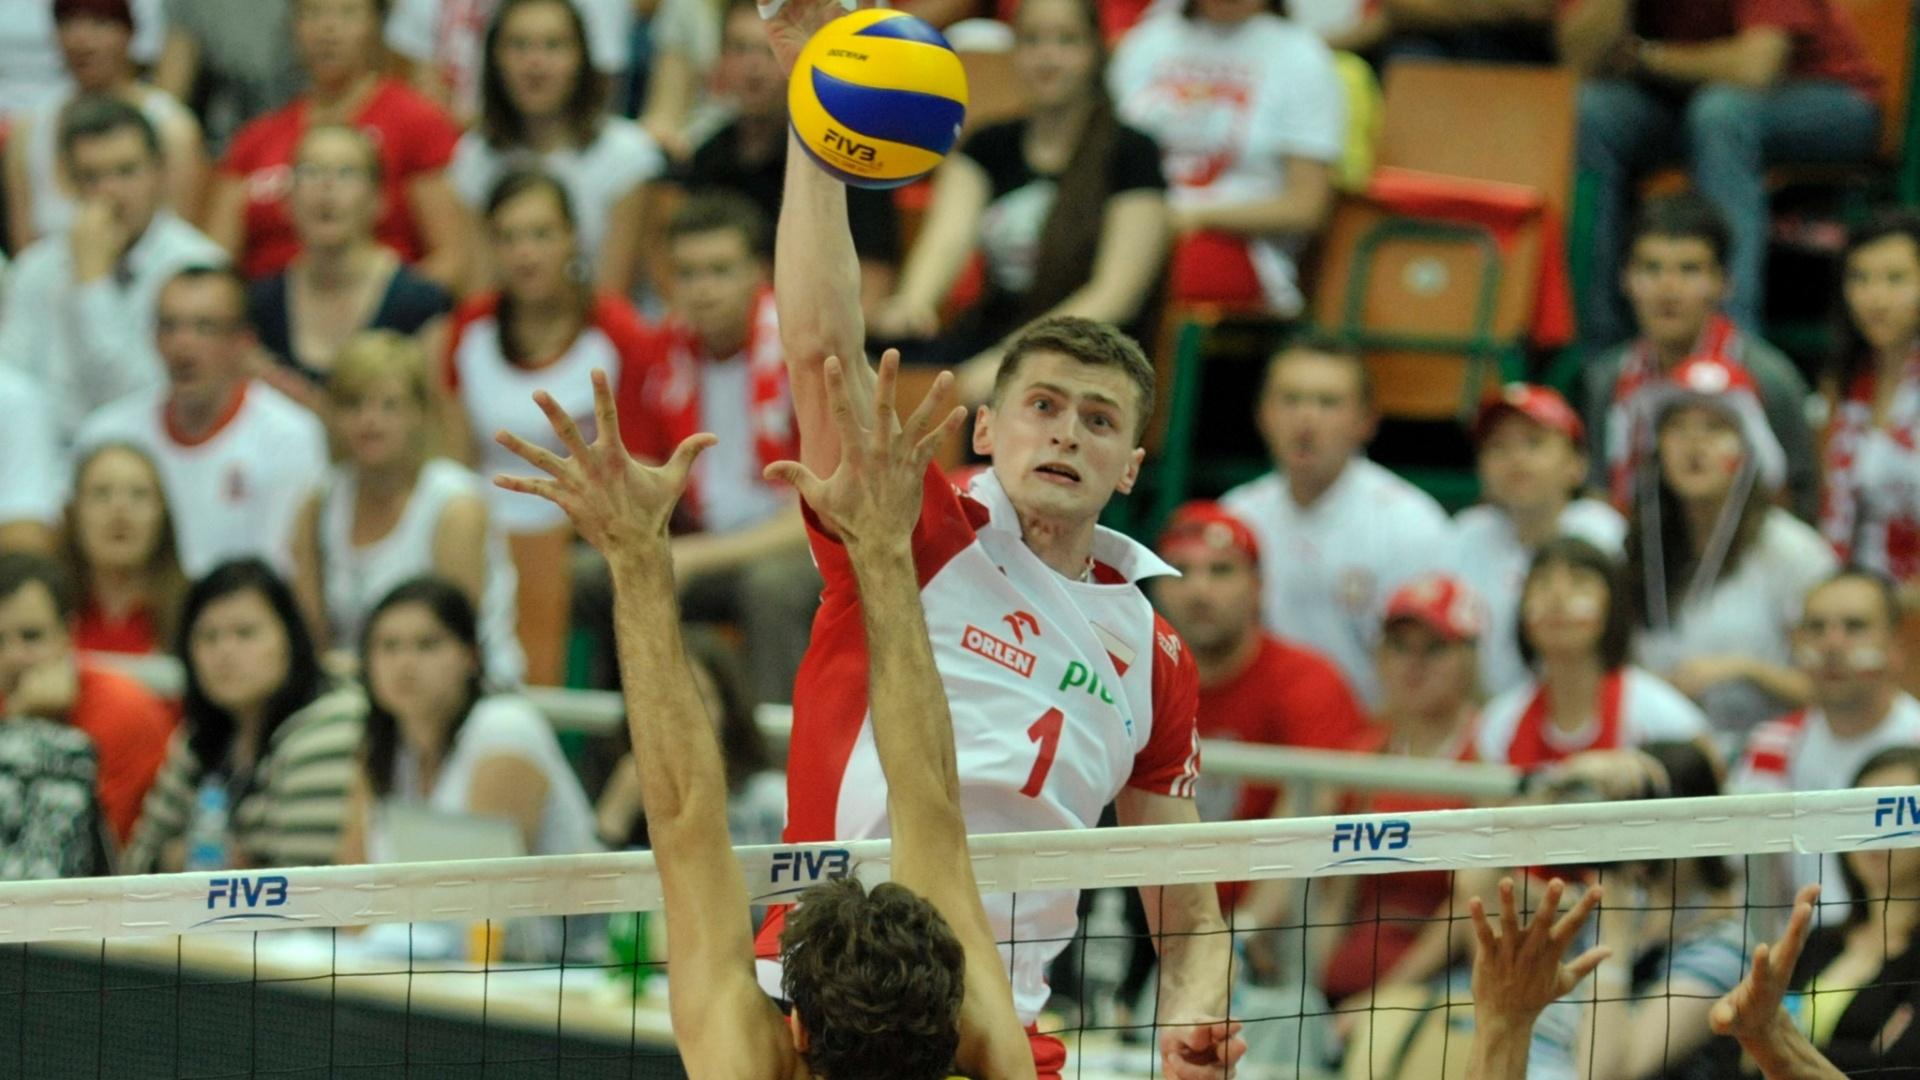 Lucas tenta bloquear ataque da Polônia em jogo da Liga